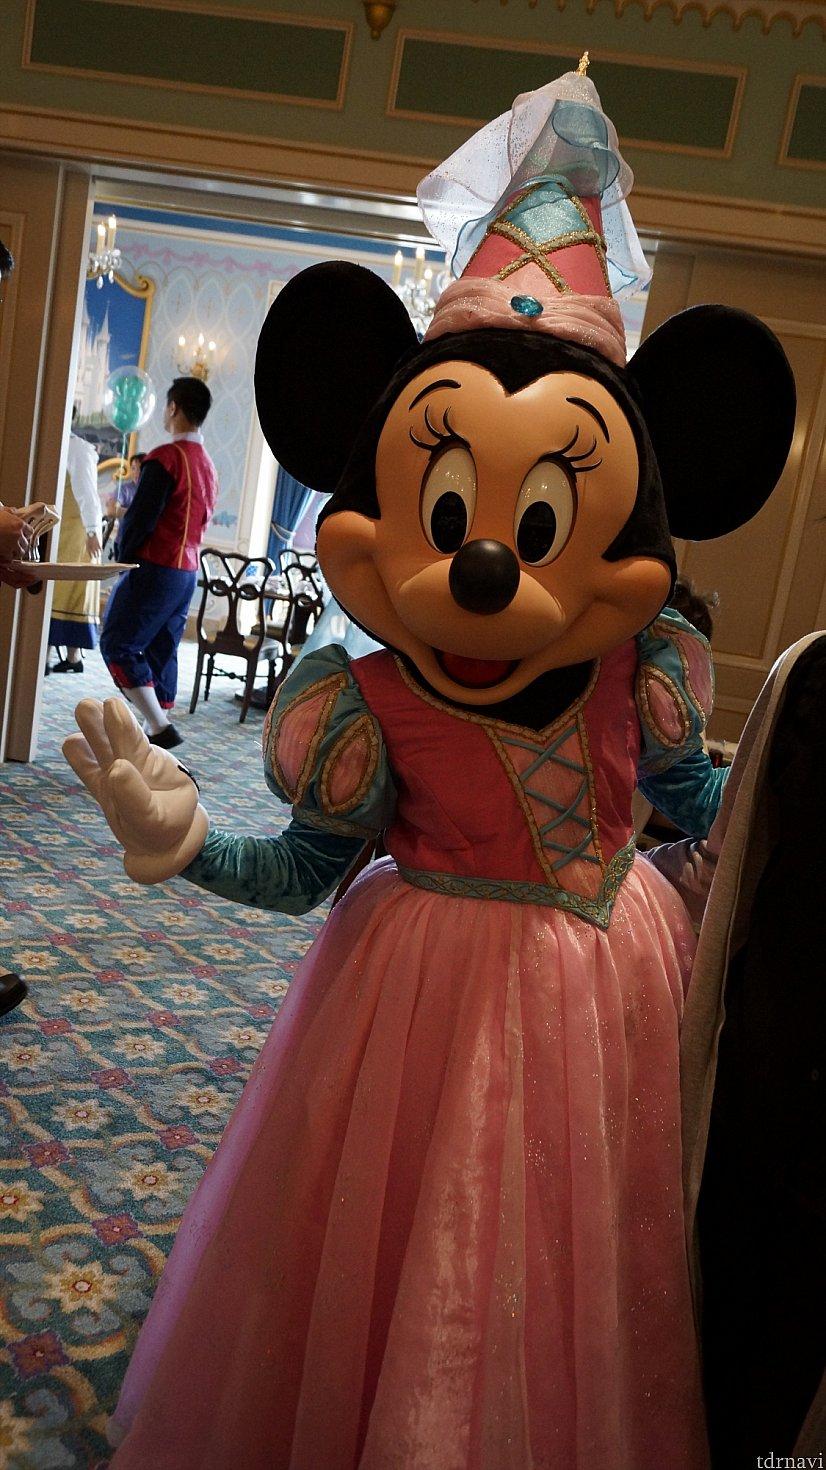 化粧していないミニーさんは可愛すぎます